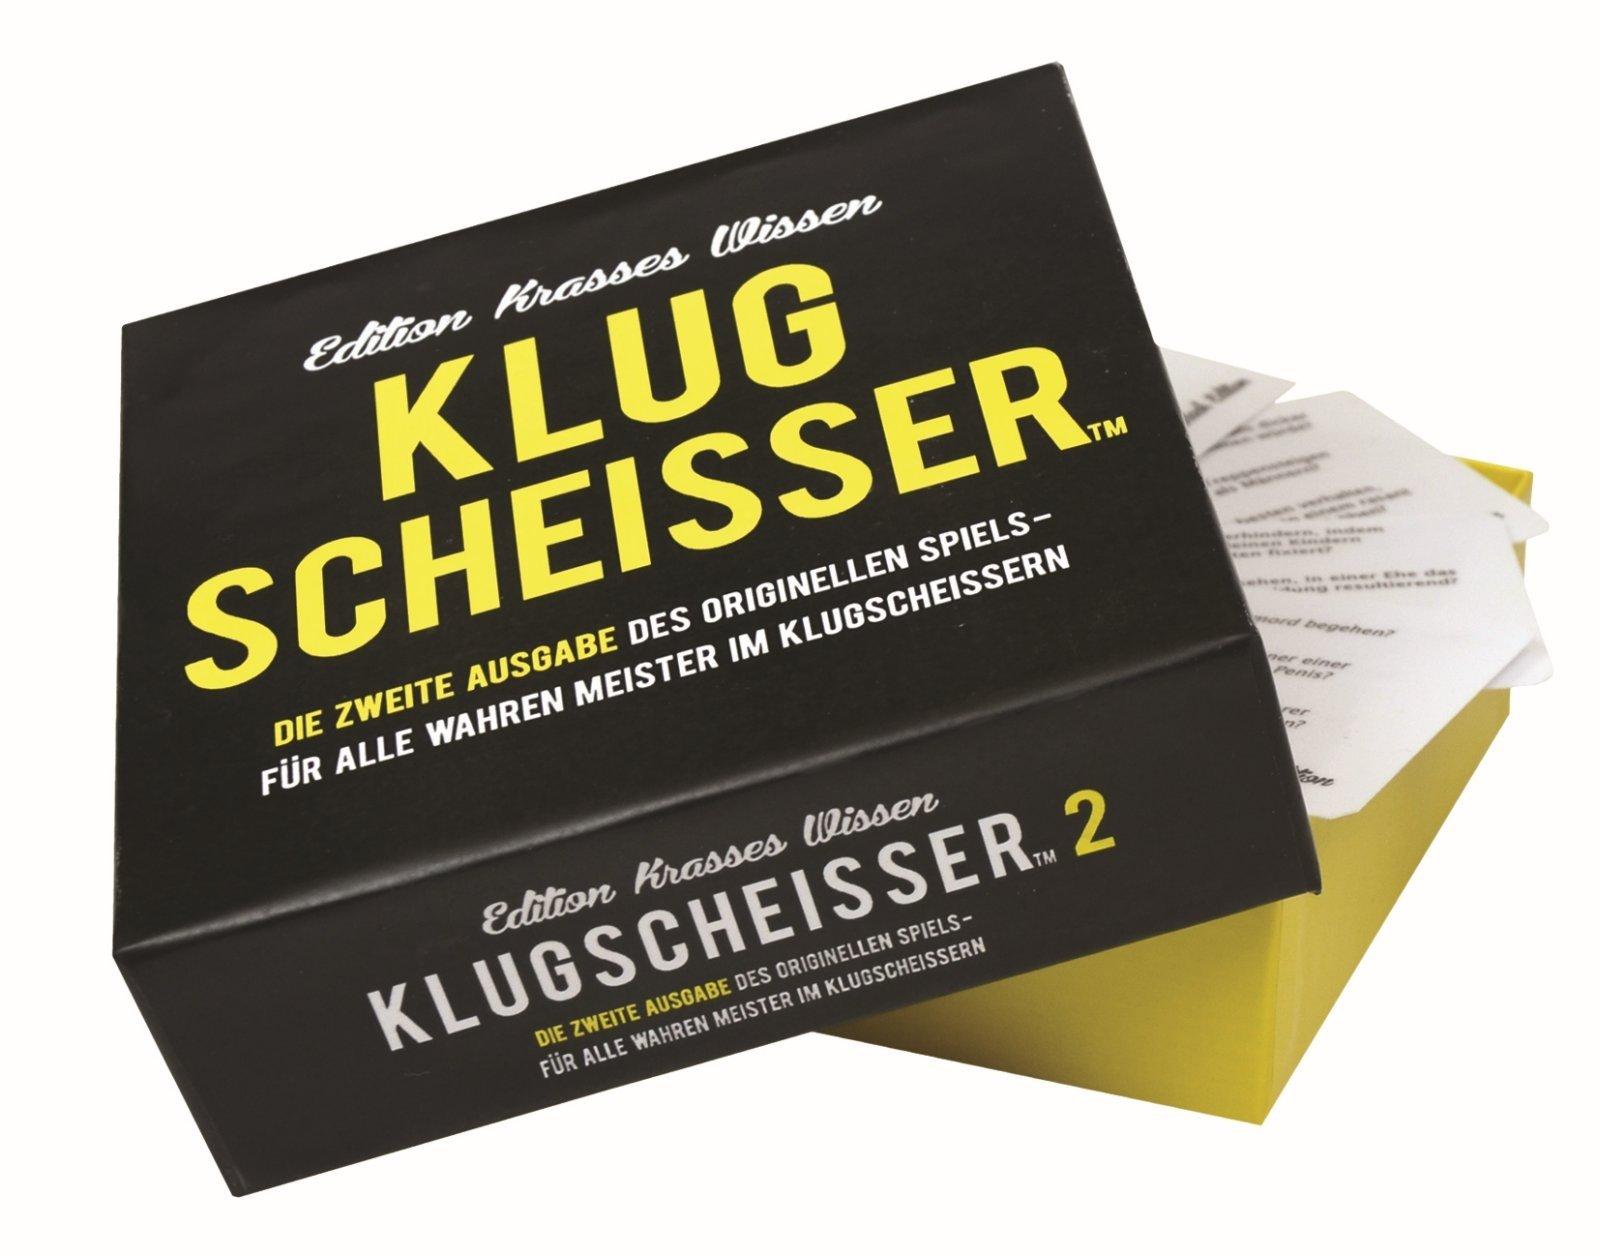 Preis-am-Stiel-Gesellschaftsspiel-Klugscheisser-2-Kartenspiel-Spieleabend-Fragen-Familie-Spiel-Kommunikationsspiele-Lustig-Mitbringspiel-Partyspiel-Ratespiel-Trinkspiel